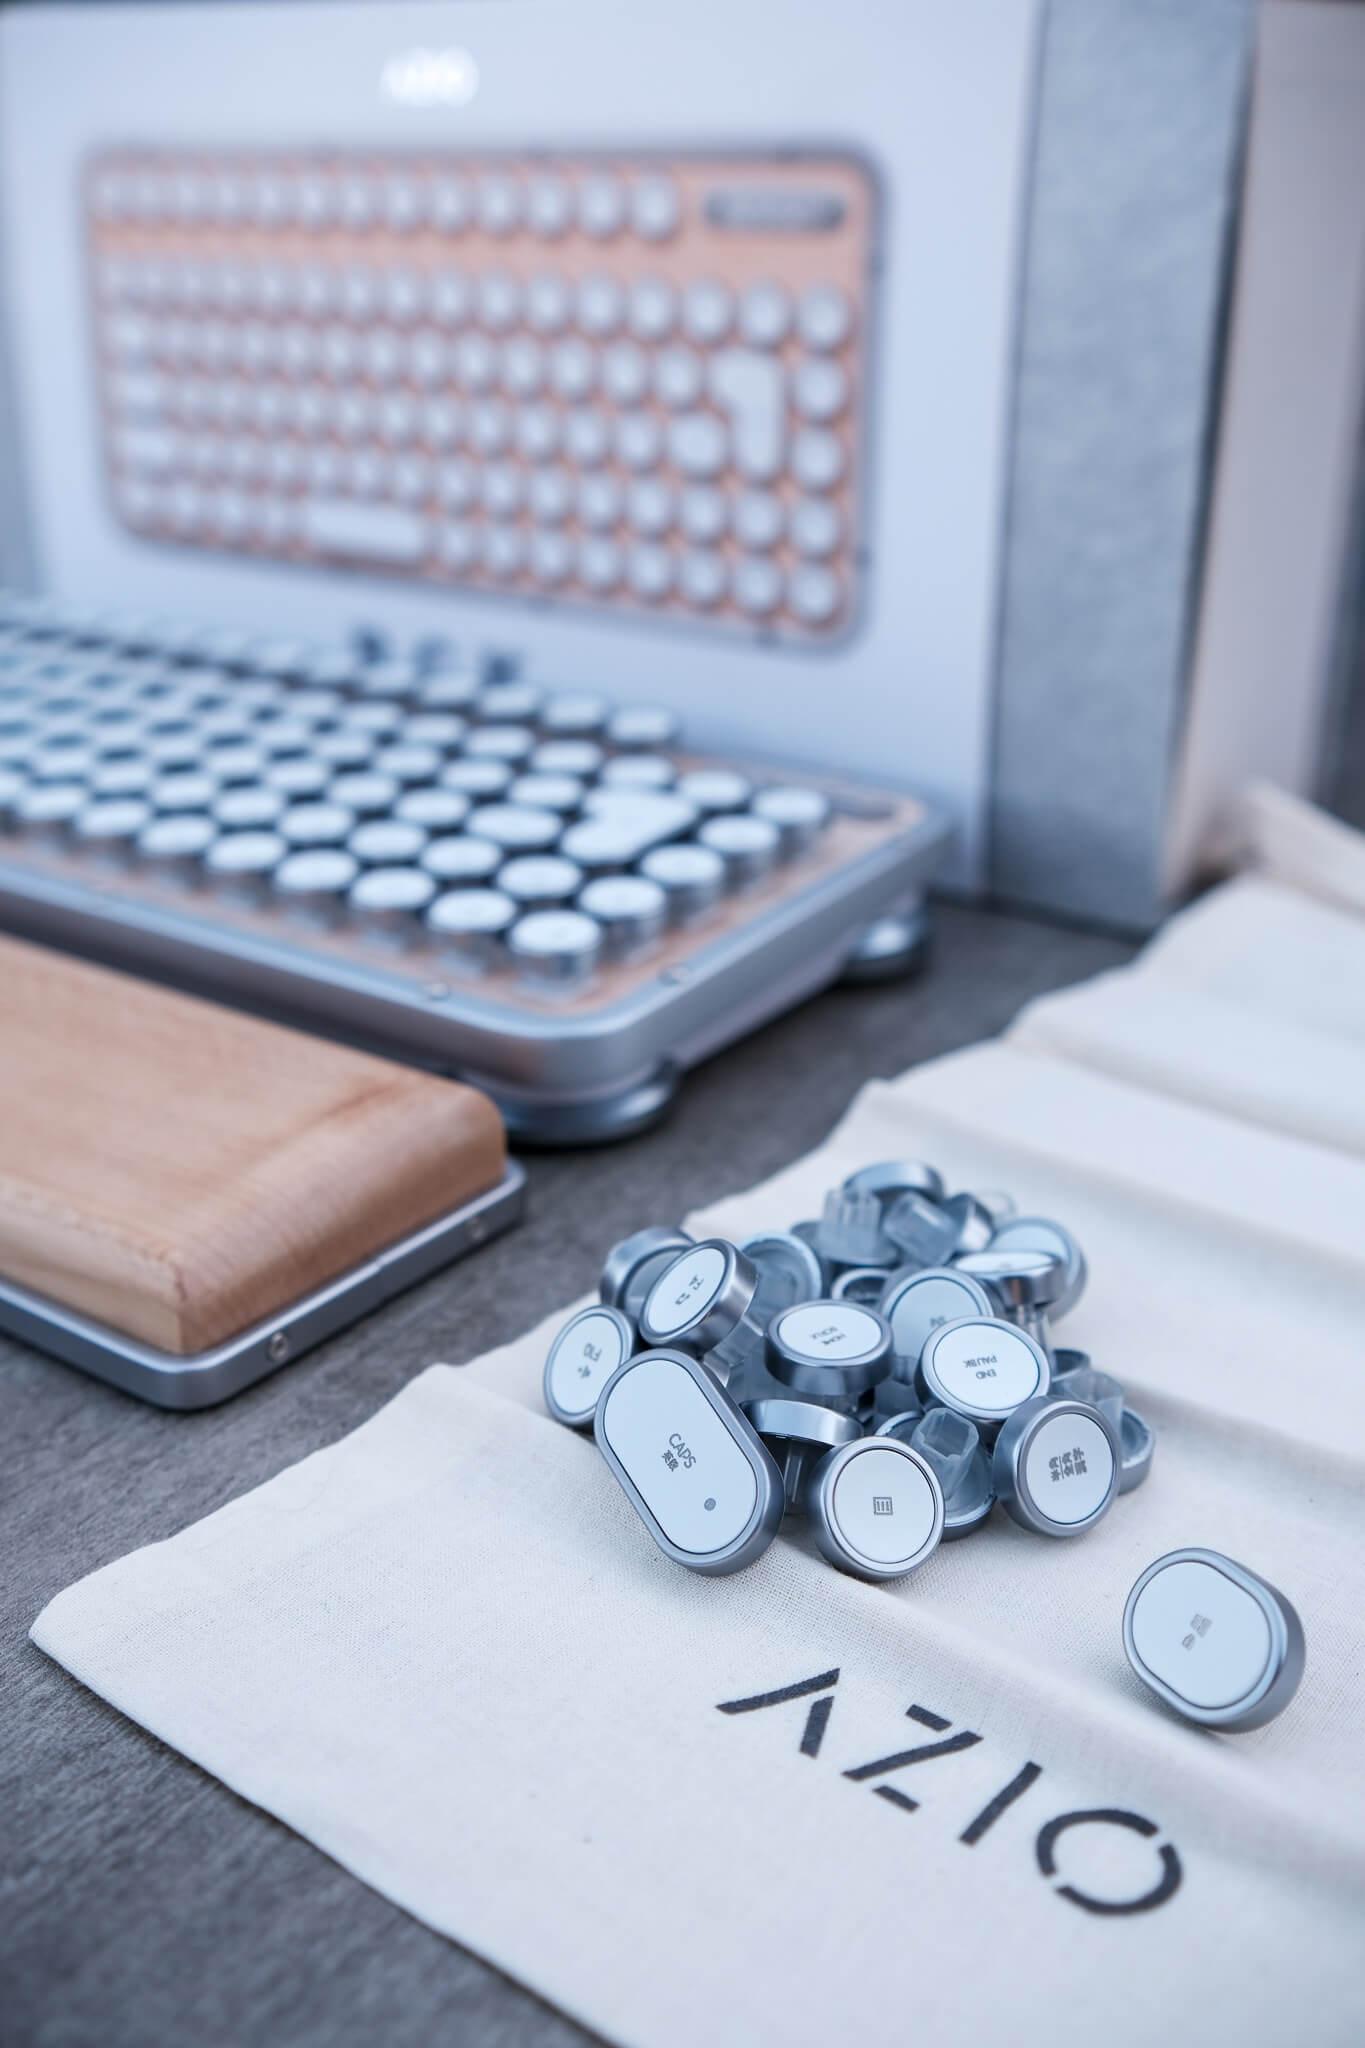 AZIO レトロクラシック・コンパクトキーボードとは 取り外し可能なキーキャップでデバイス環境が自由に!